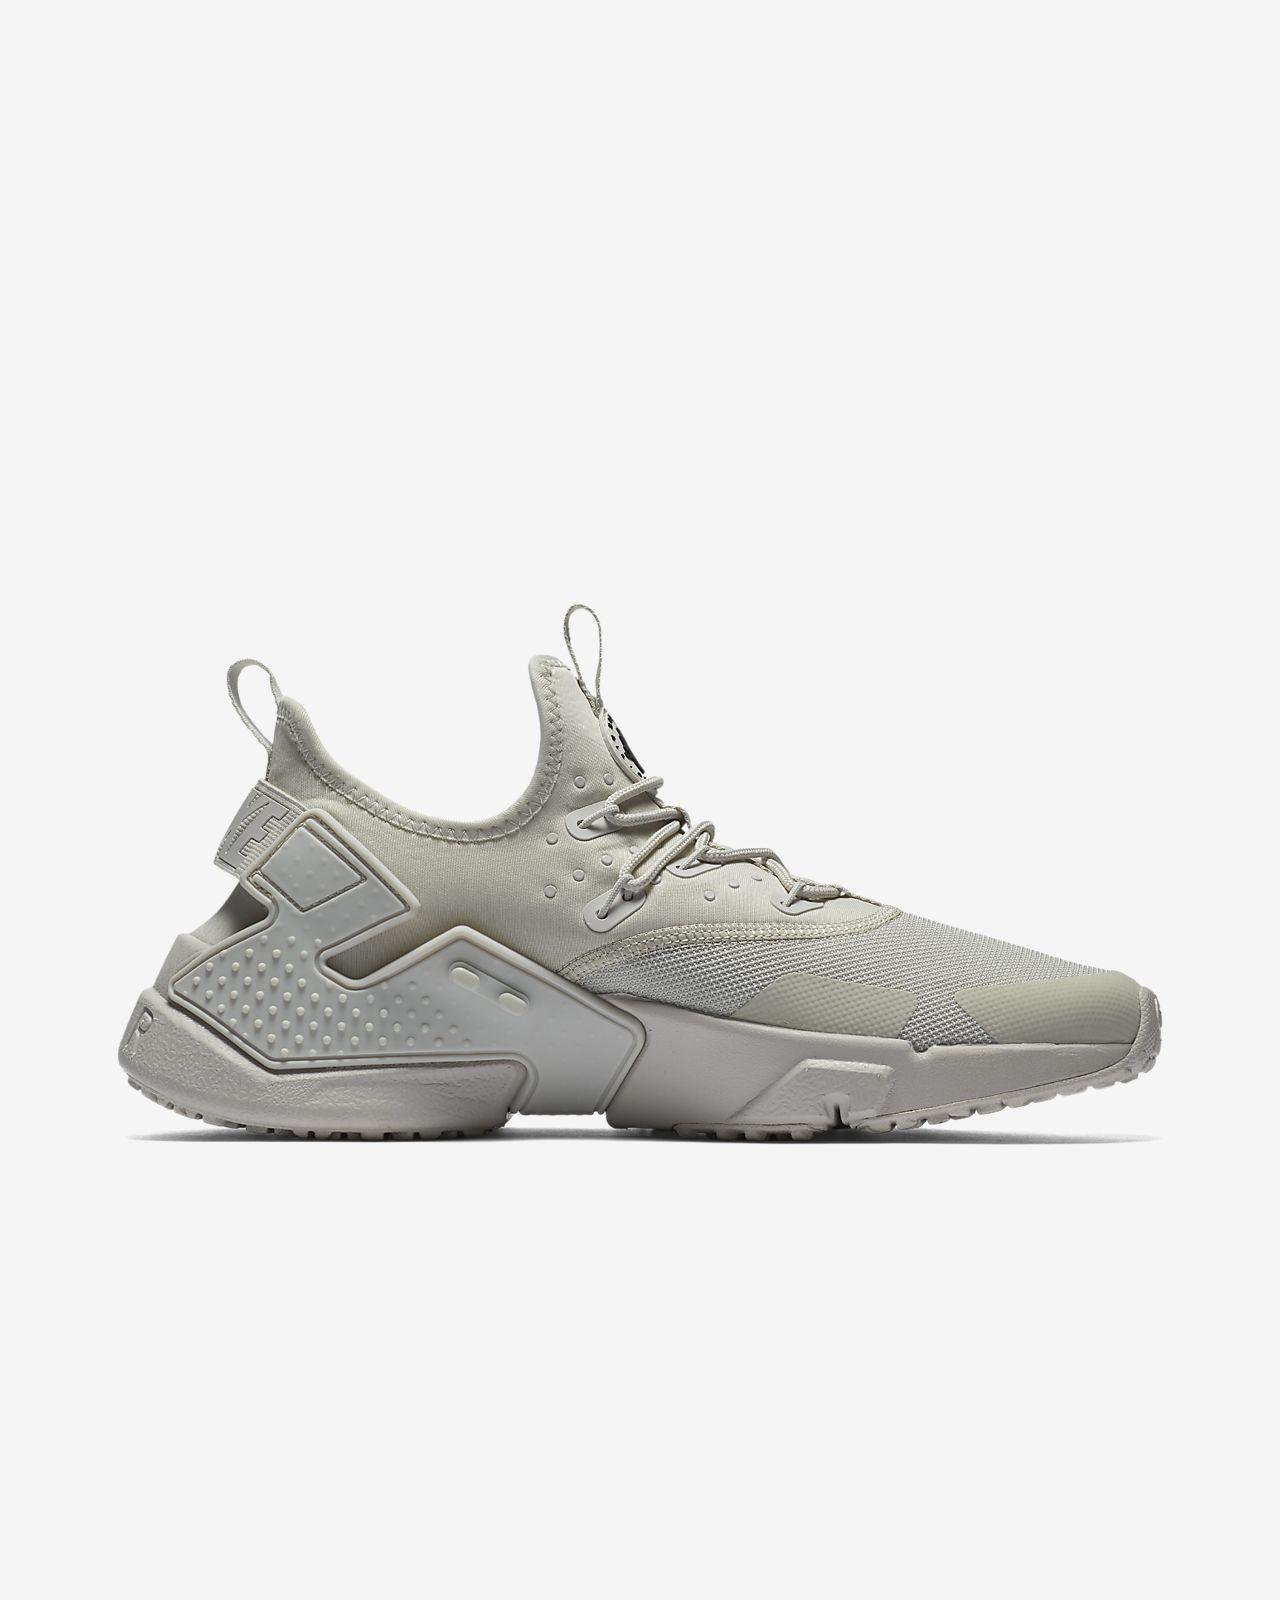 Nike Air Huarache Dérive Chaussures Baskets Lo Noir Noir 7PNc4e